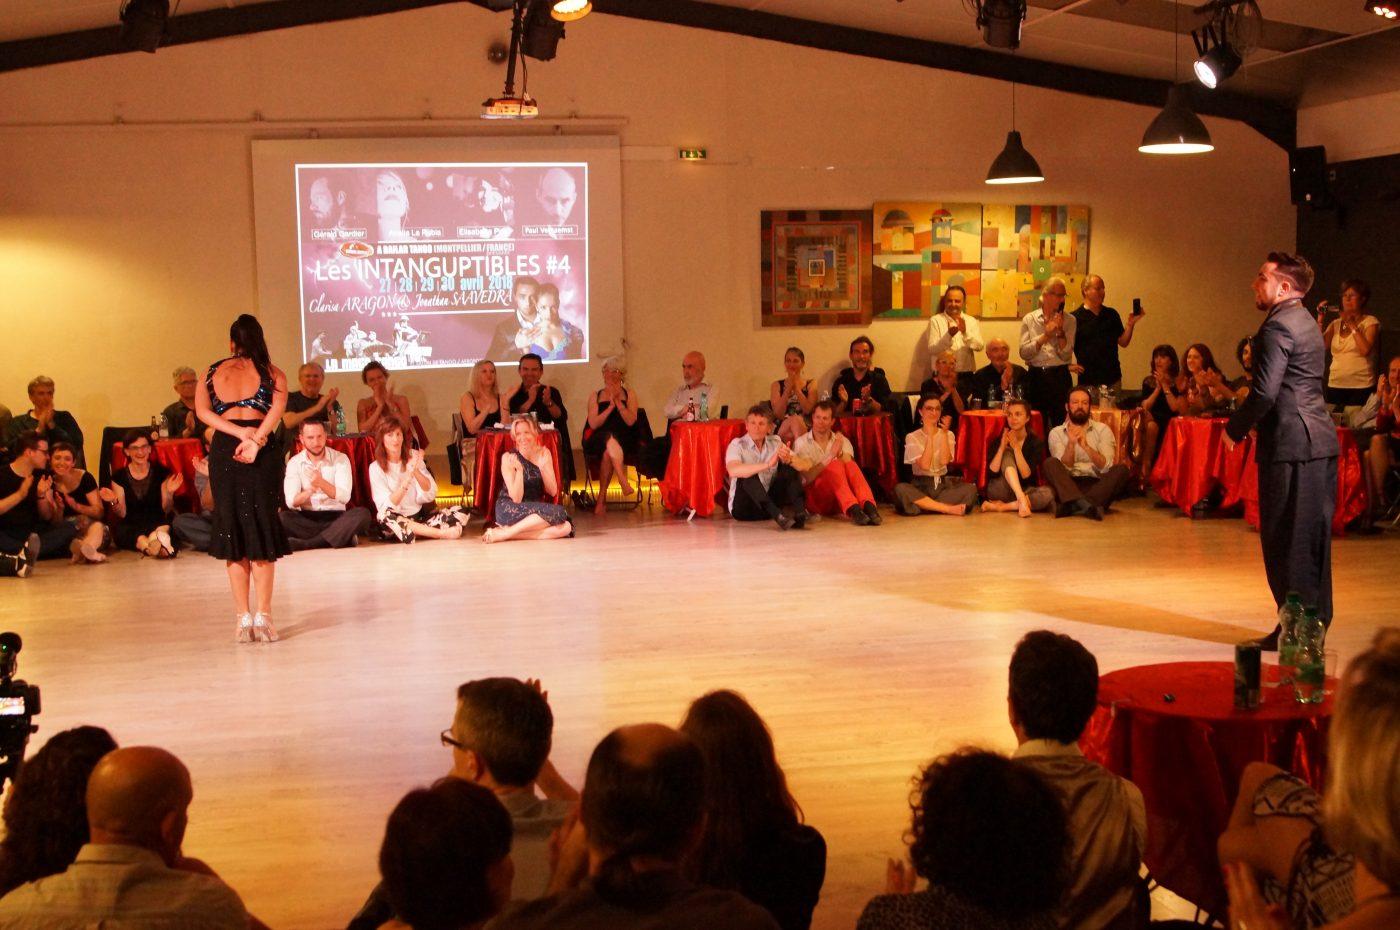 """El Salón de Tango """"Rufino Luro Cambaceres""""  – Location salle de danse Montpellier Aéroport –  Cours, bals, événements de Tango Argentin Montpellier  – Club de Tango Social – 300m2 style loft / espace extérieur"""